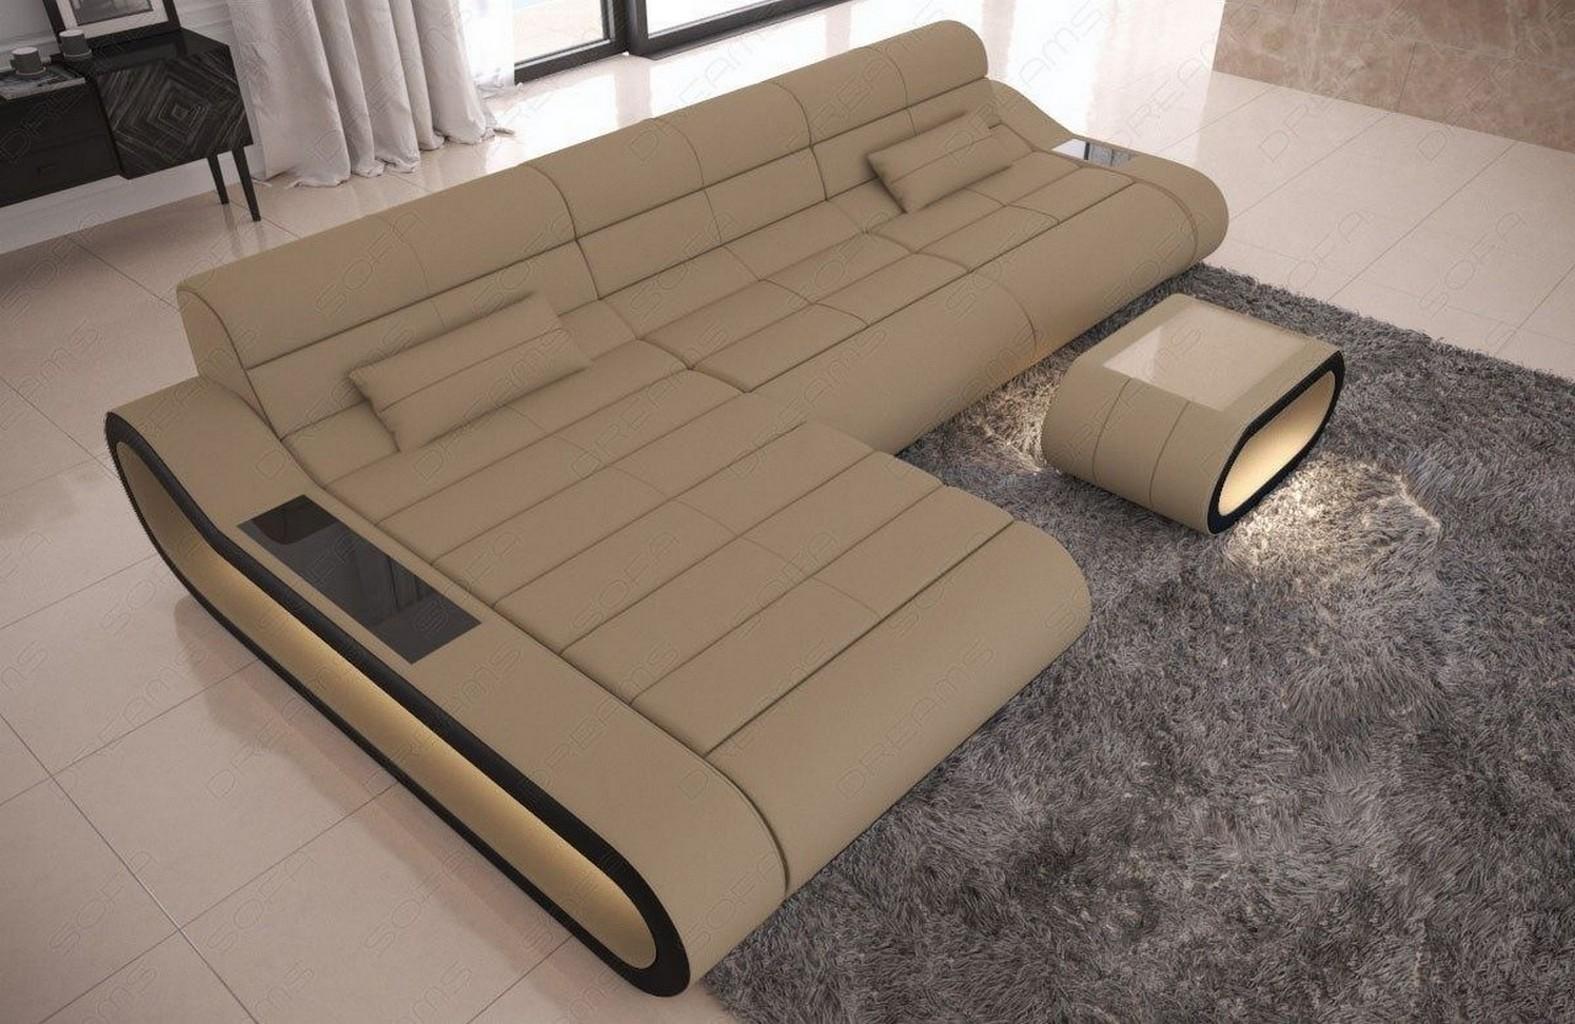 Außergewöhnlich Couchgarnitur L Form Ideen Von Materialien